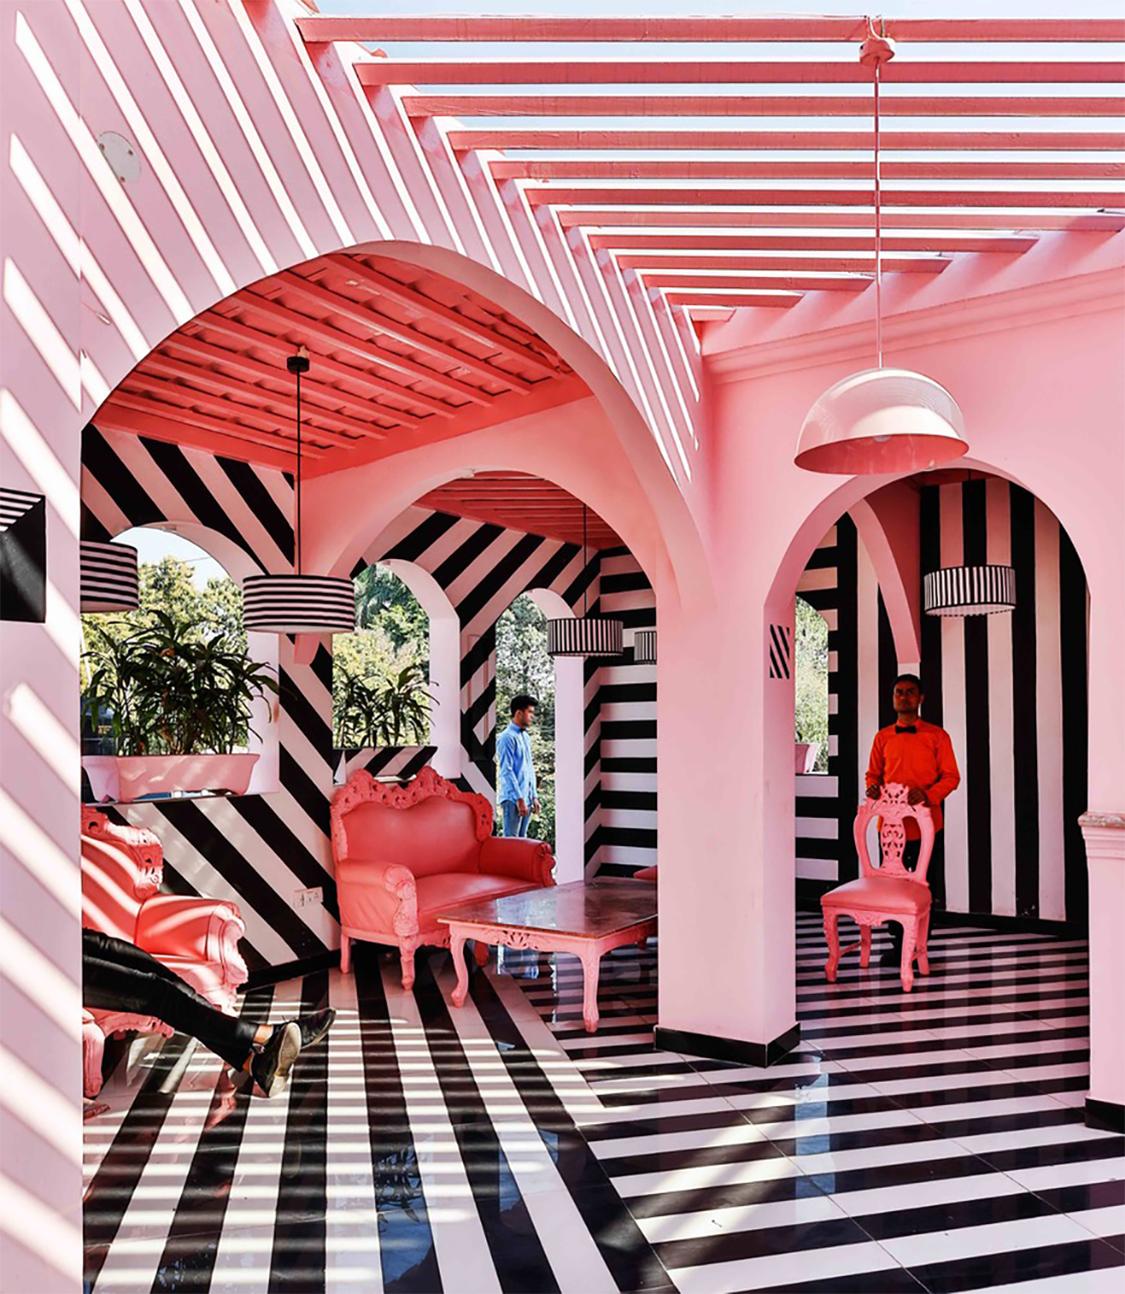 viventium-design-zac-kraemer-pink-zebra-retail-design-6.jpg